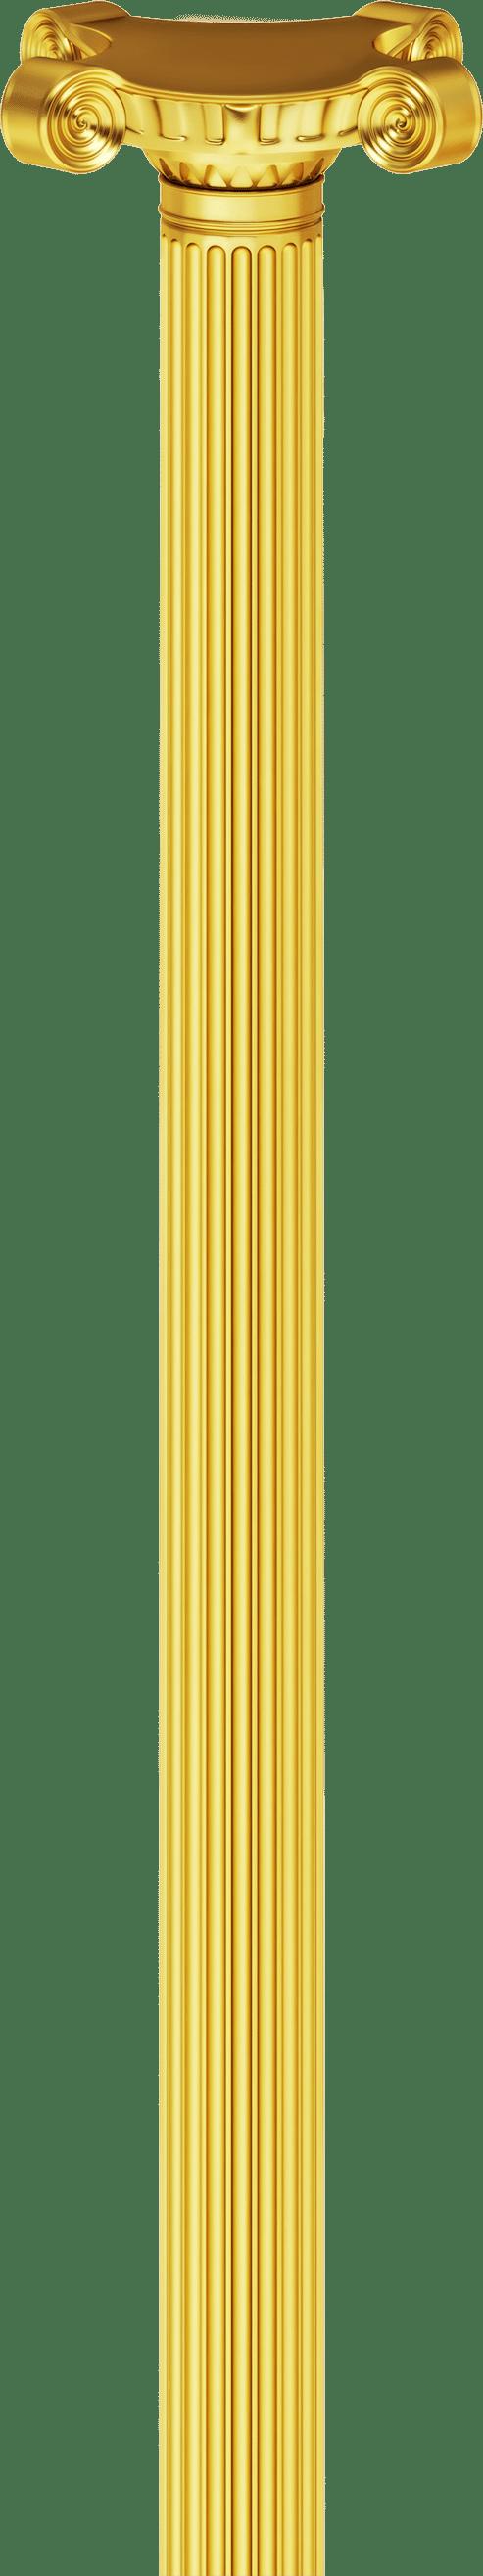 gold_column2 1